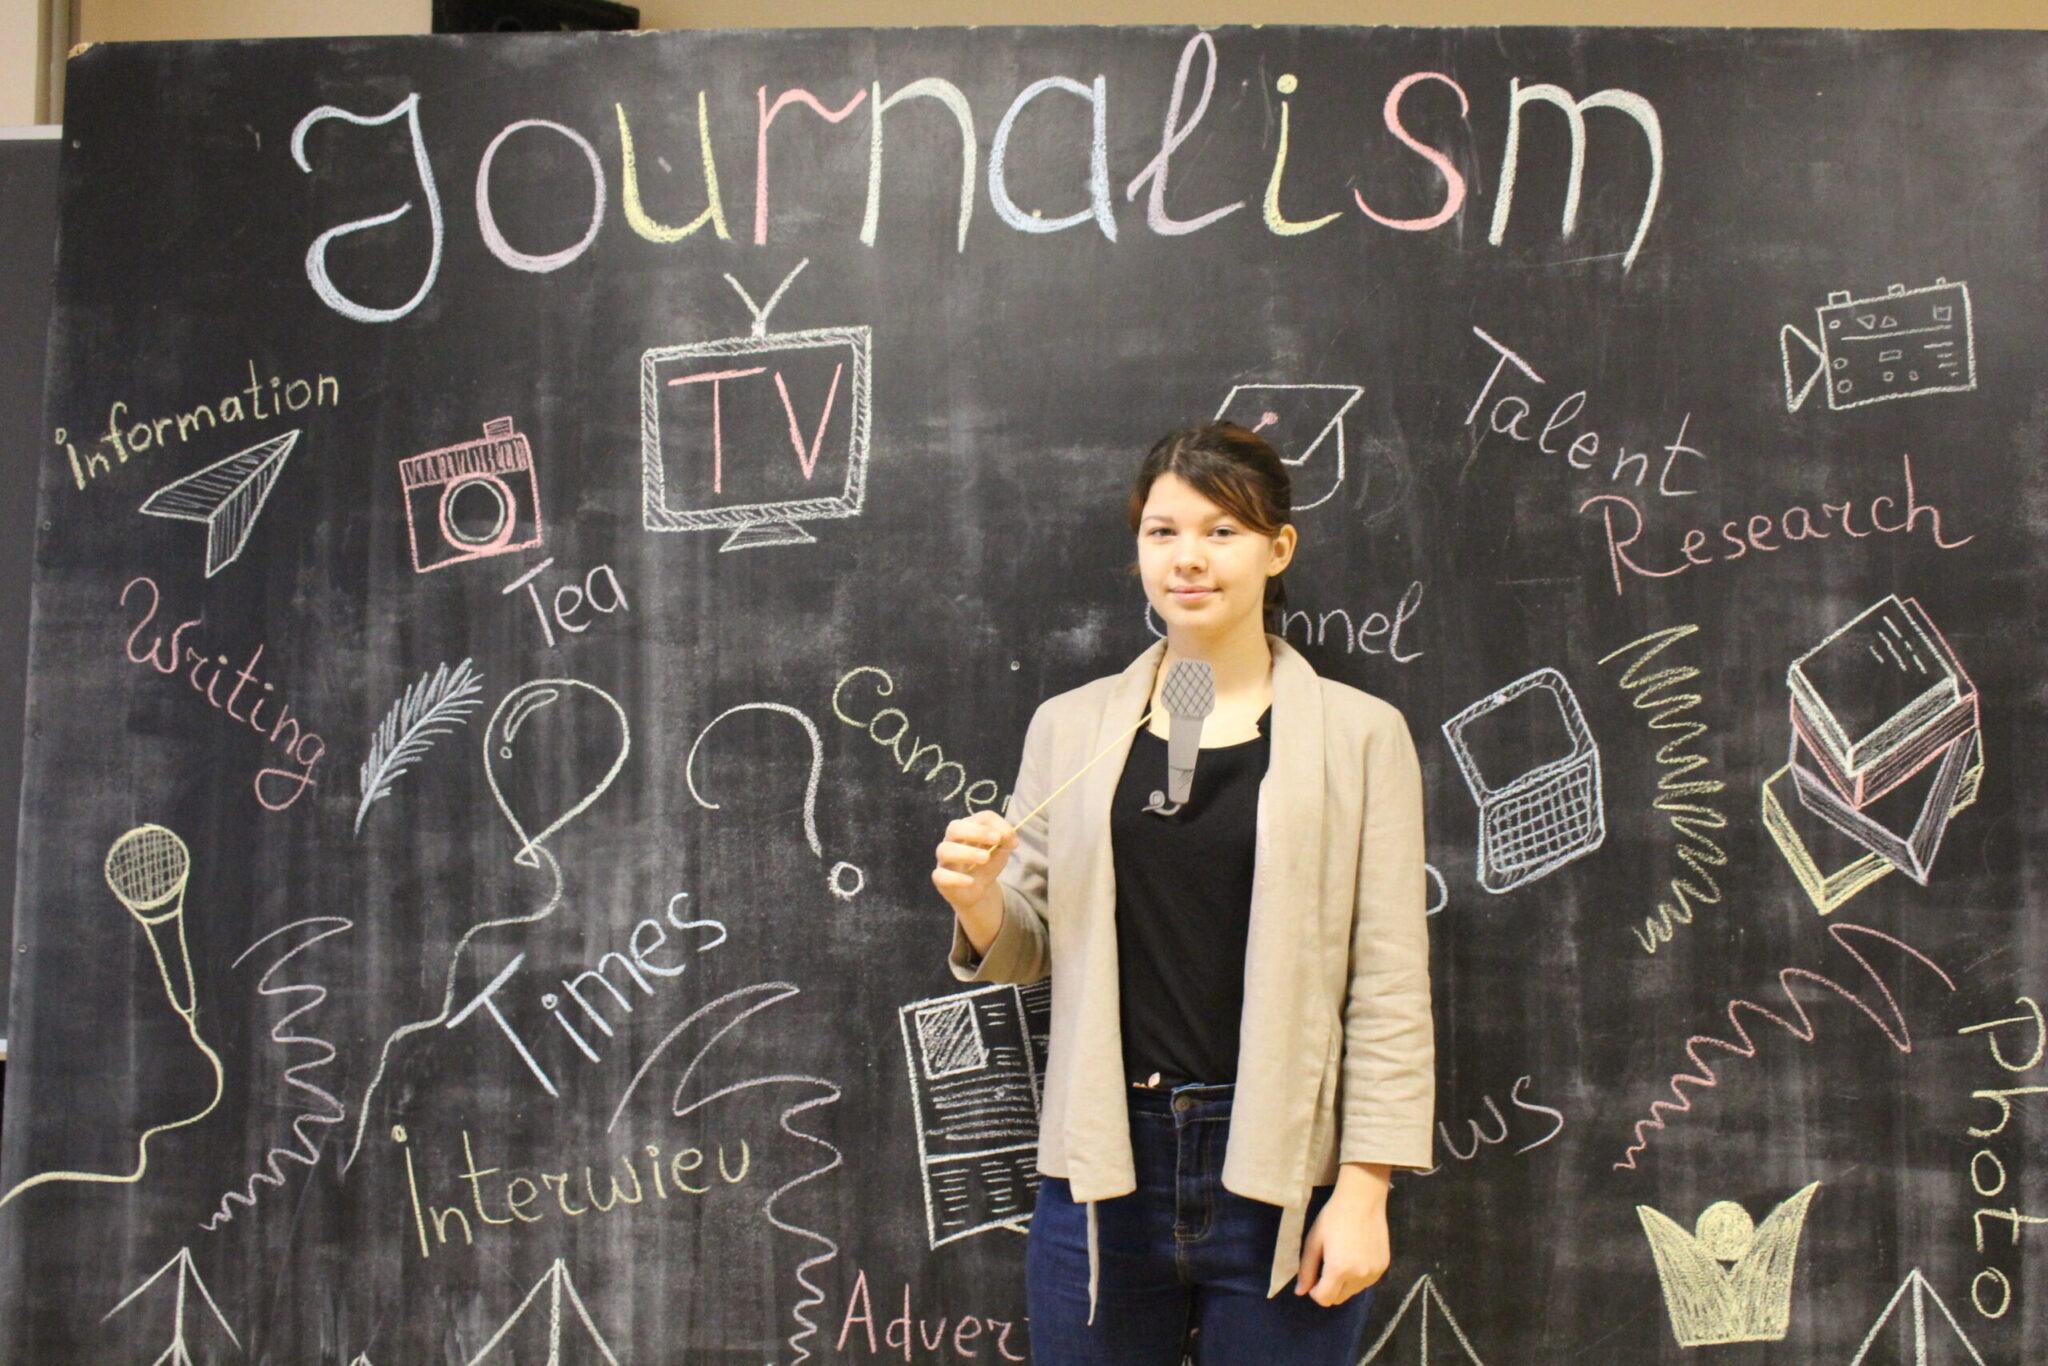 Сучасні проблеми потребують сучасних рішень: оновлення журналістської програми УГІ